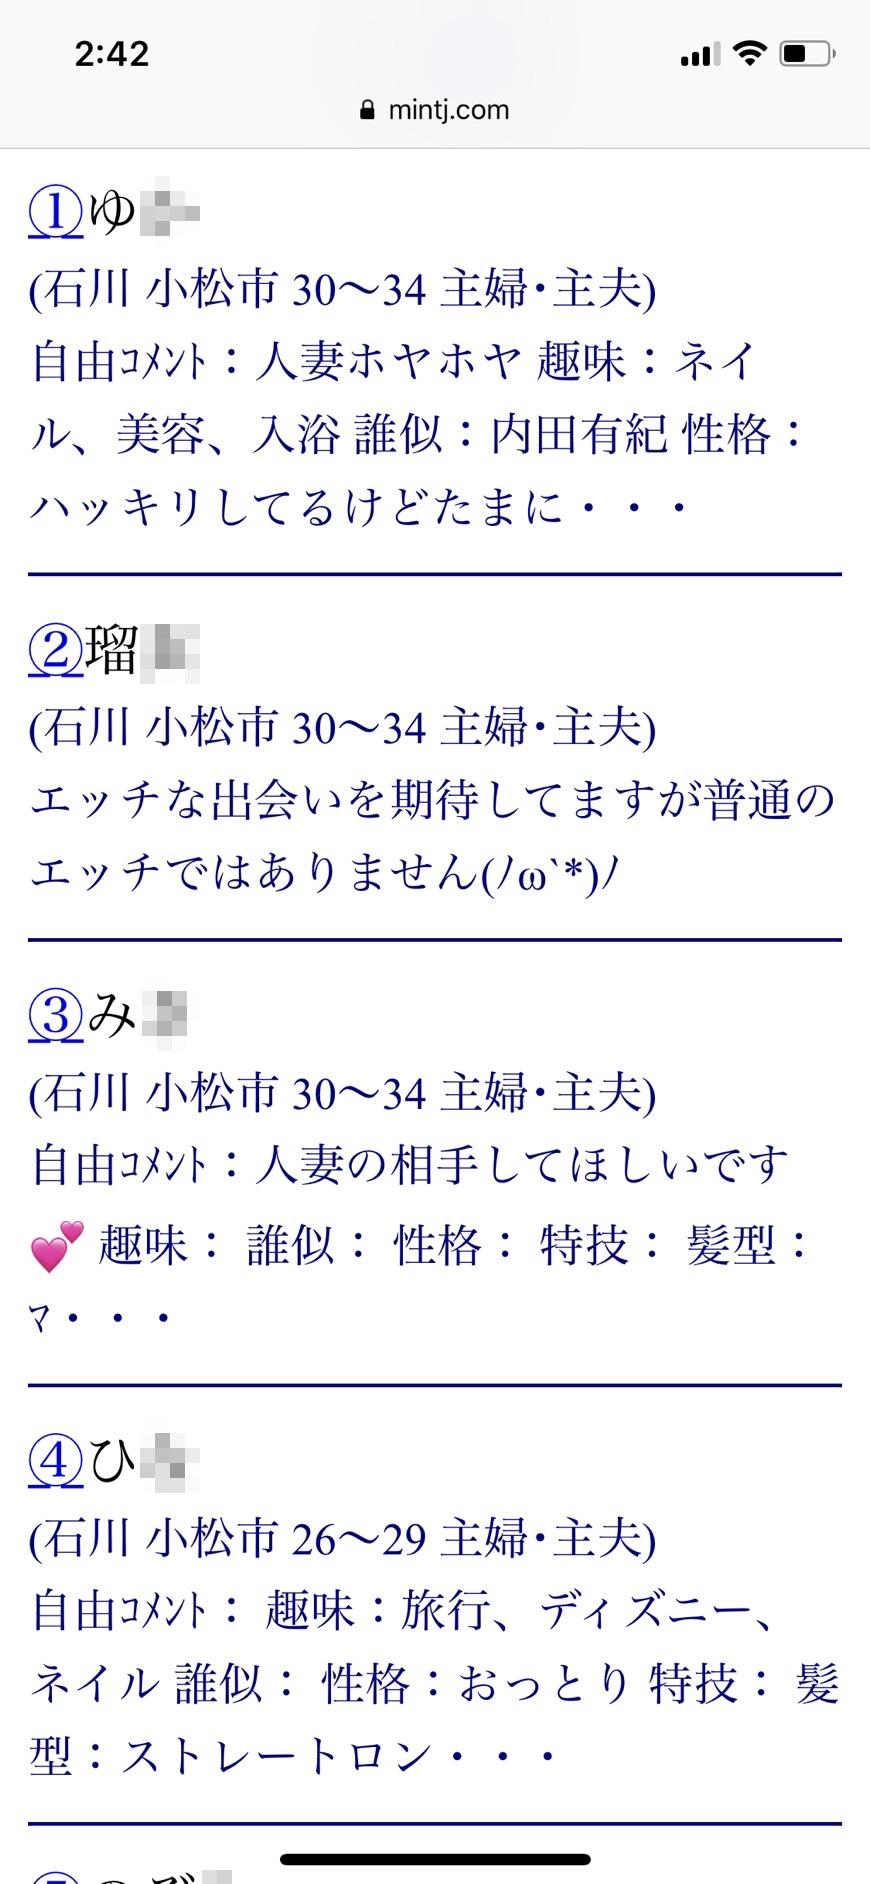 2021年・小松・割り切り出会い掲示板(Jメール)